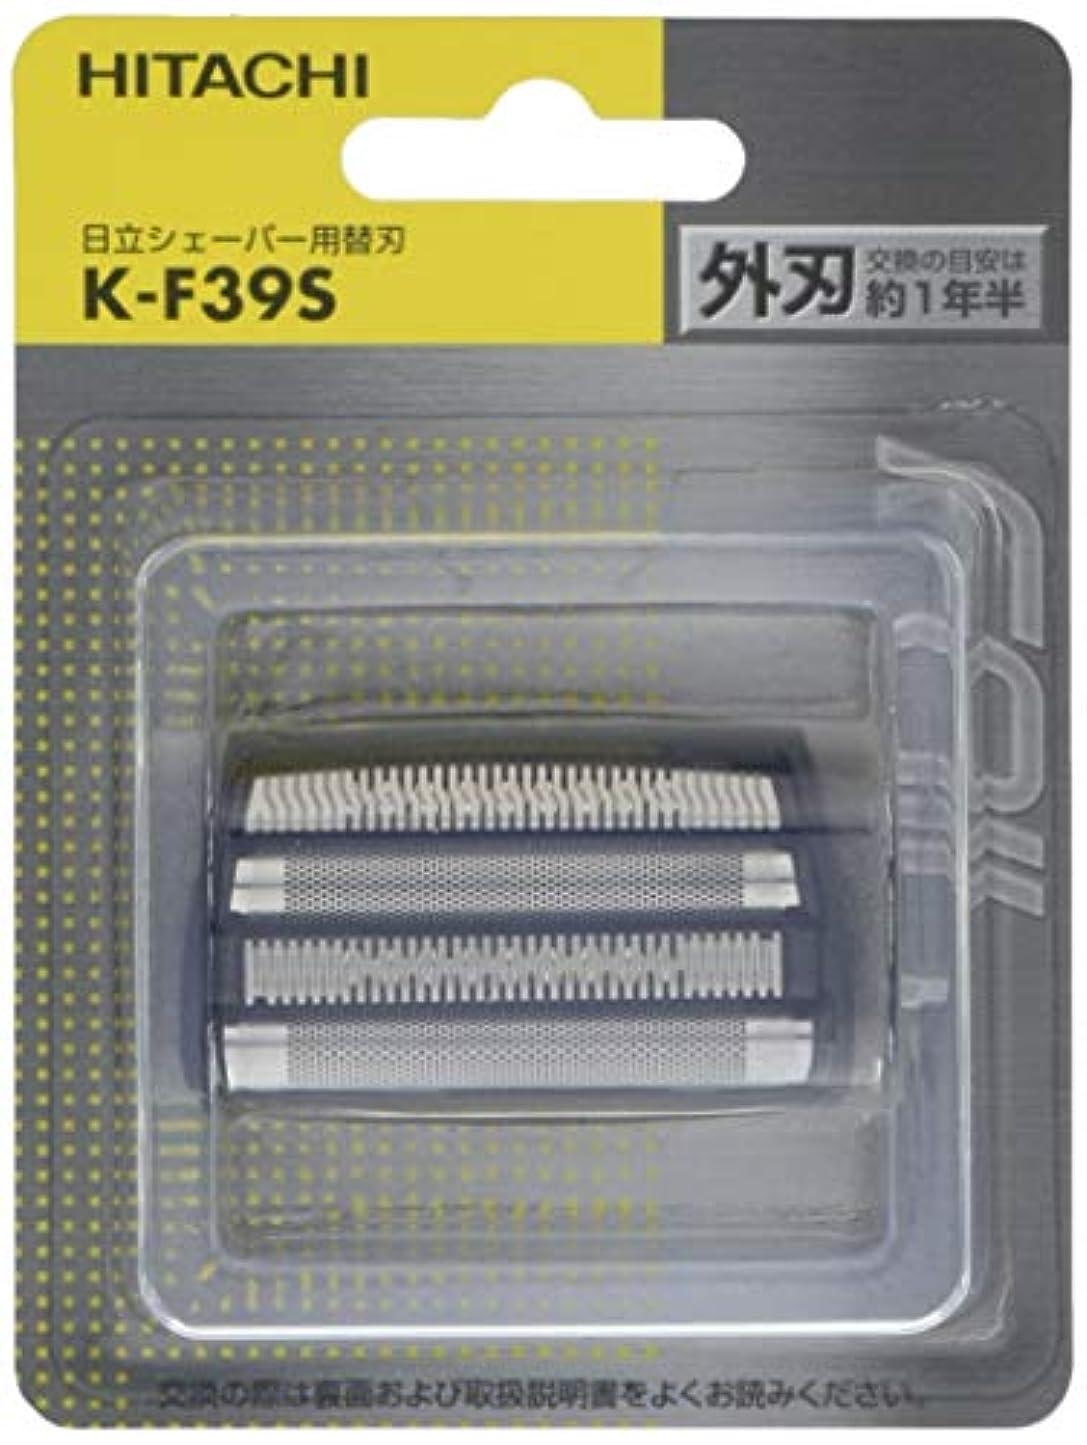 見えない荒らす出口日立 メンズシェーバー用替刃(外刃) K-F39S